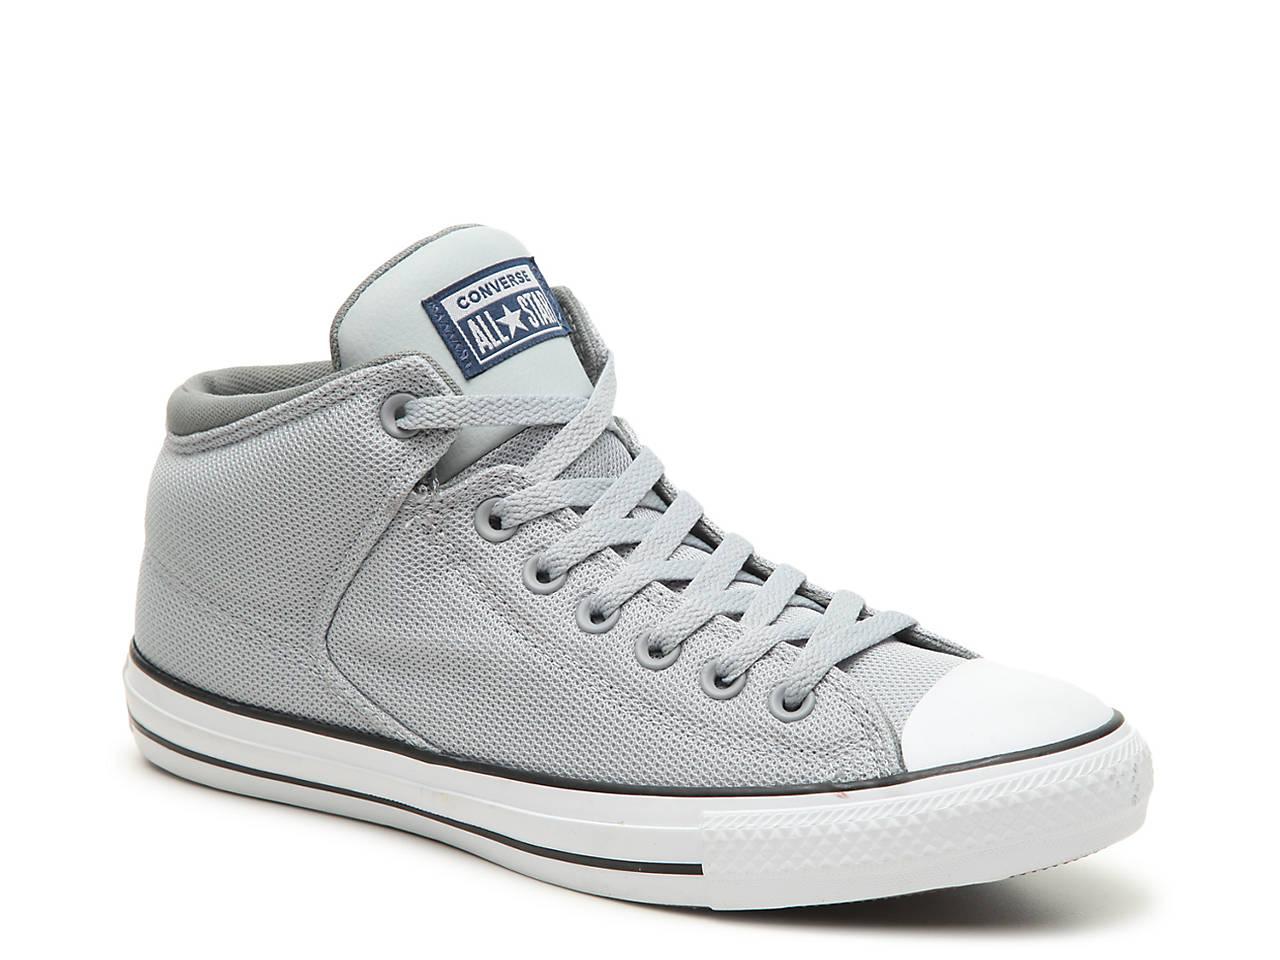 efec6408687c Converse Chuck Taylor All Star Hi Street High-Top Sneaker - Men s Men s  Shoes